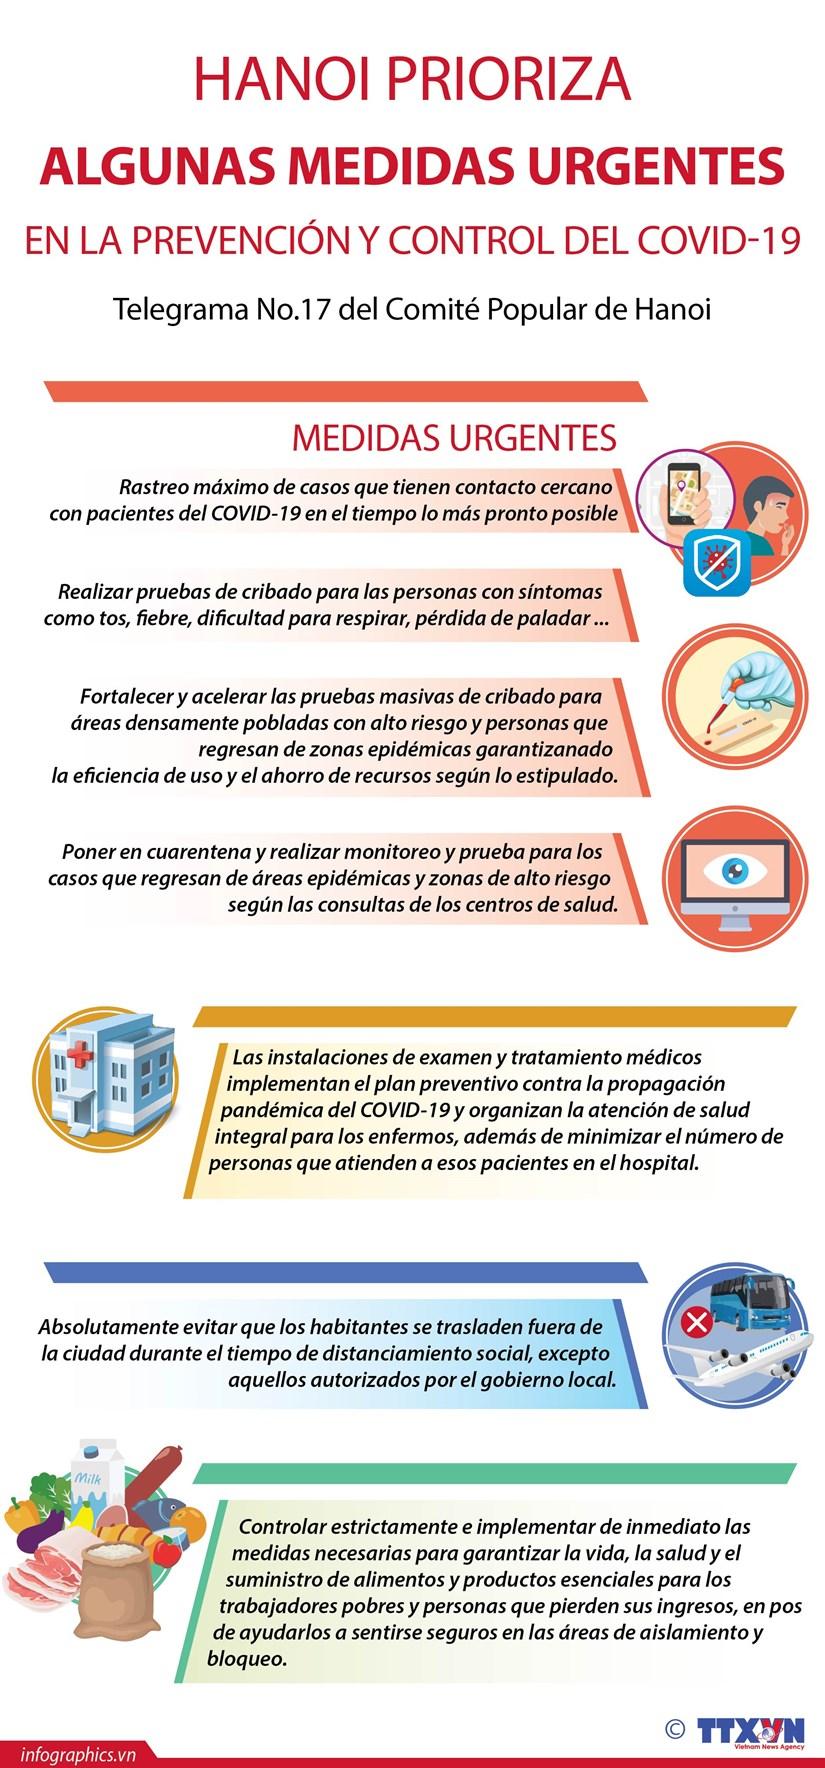 Hanoi prioriza algunas medidas urgentes en la prevencion y control del COVID-19 hinh anh 1